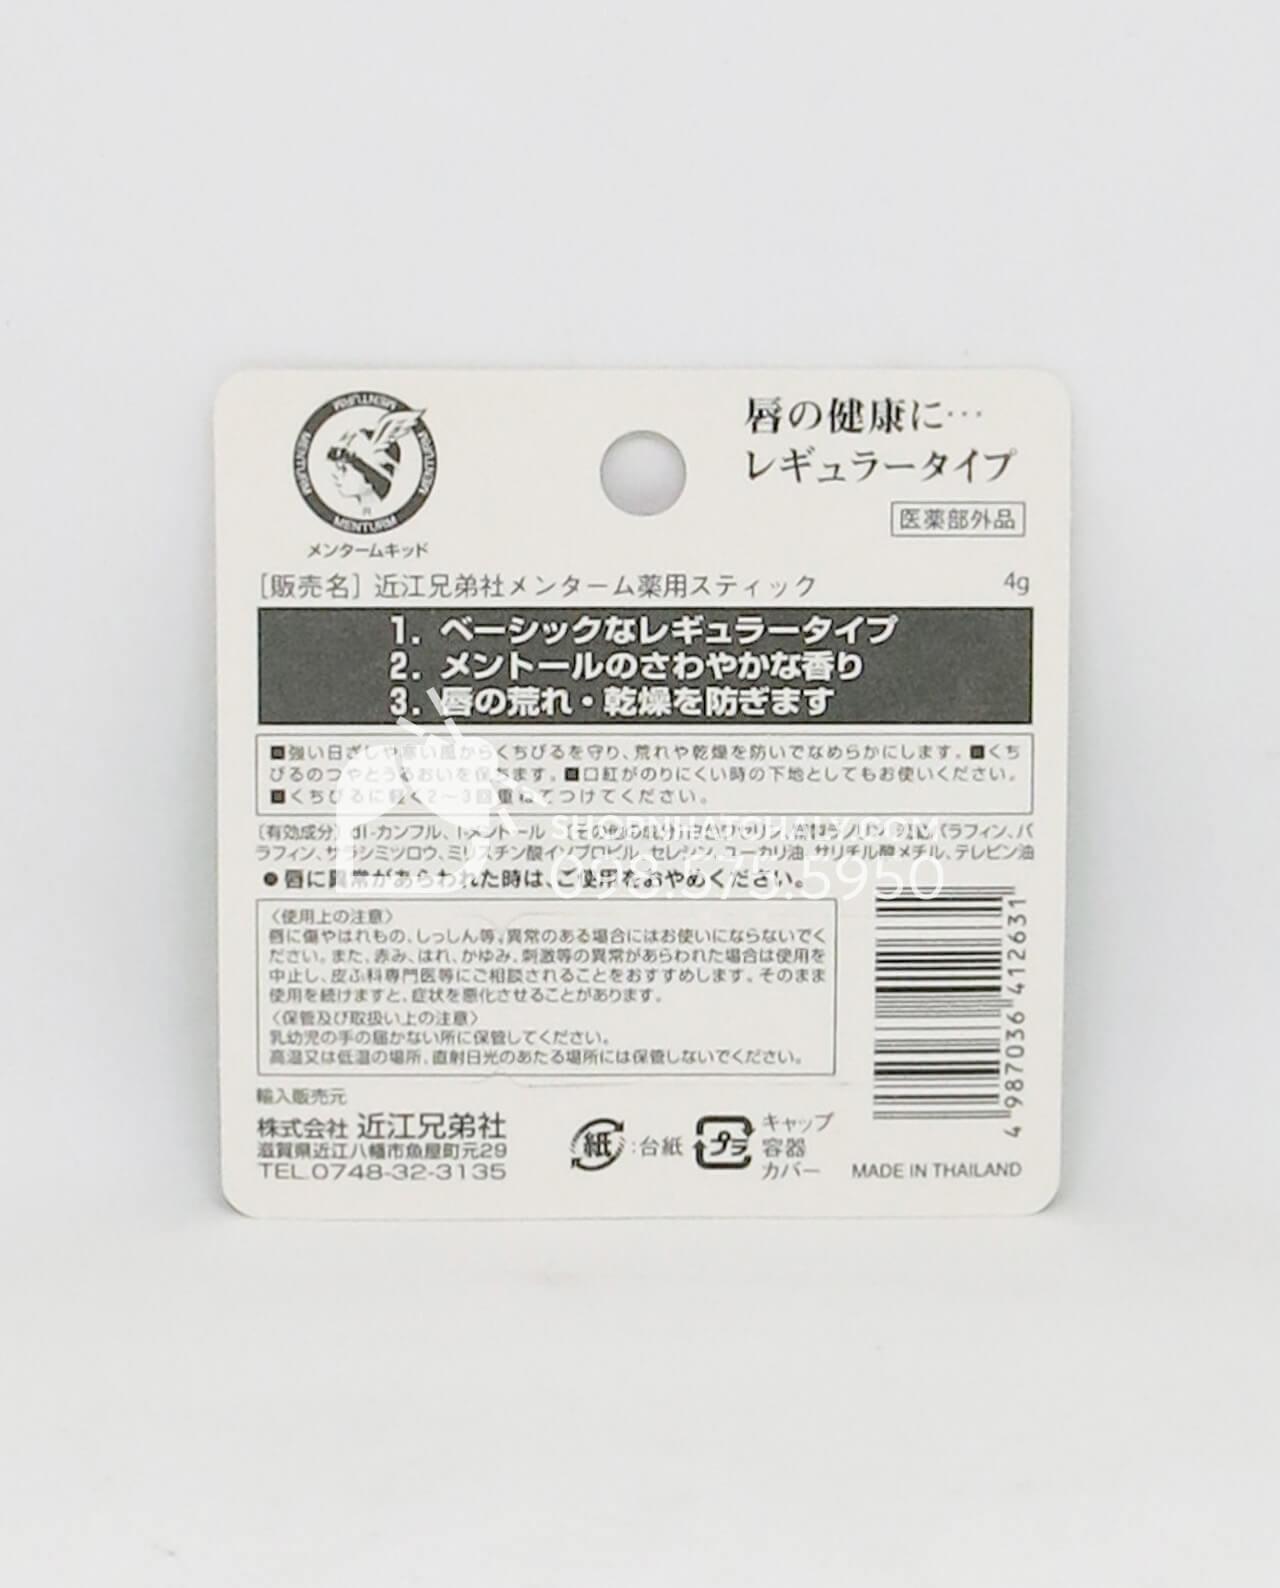 Son dưỡng môi chống khô nứt nẻ Omi Menturm Nhật Bản - thông tin sản phẩm